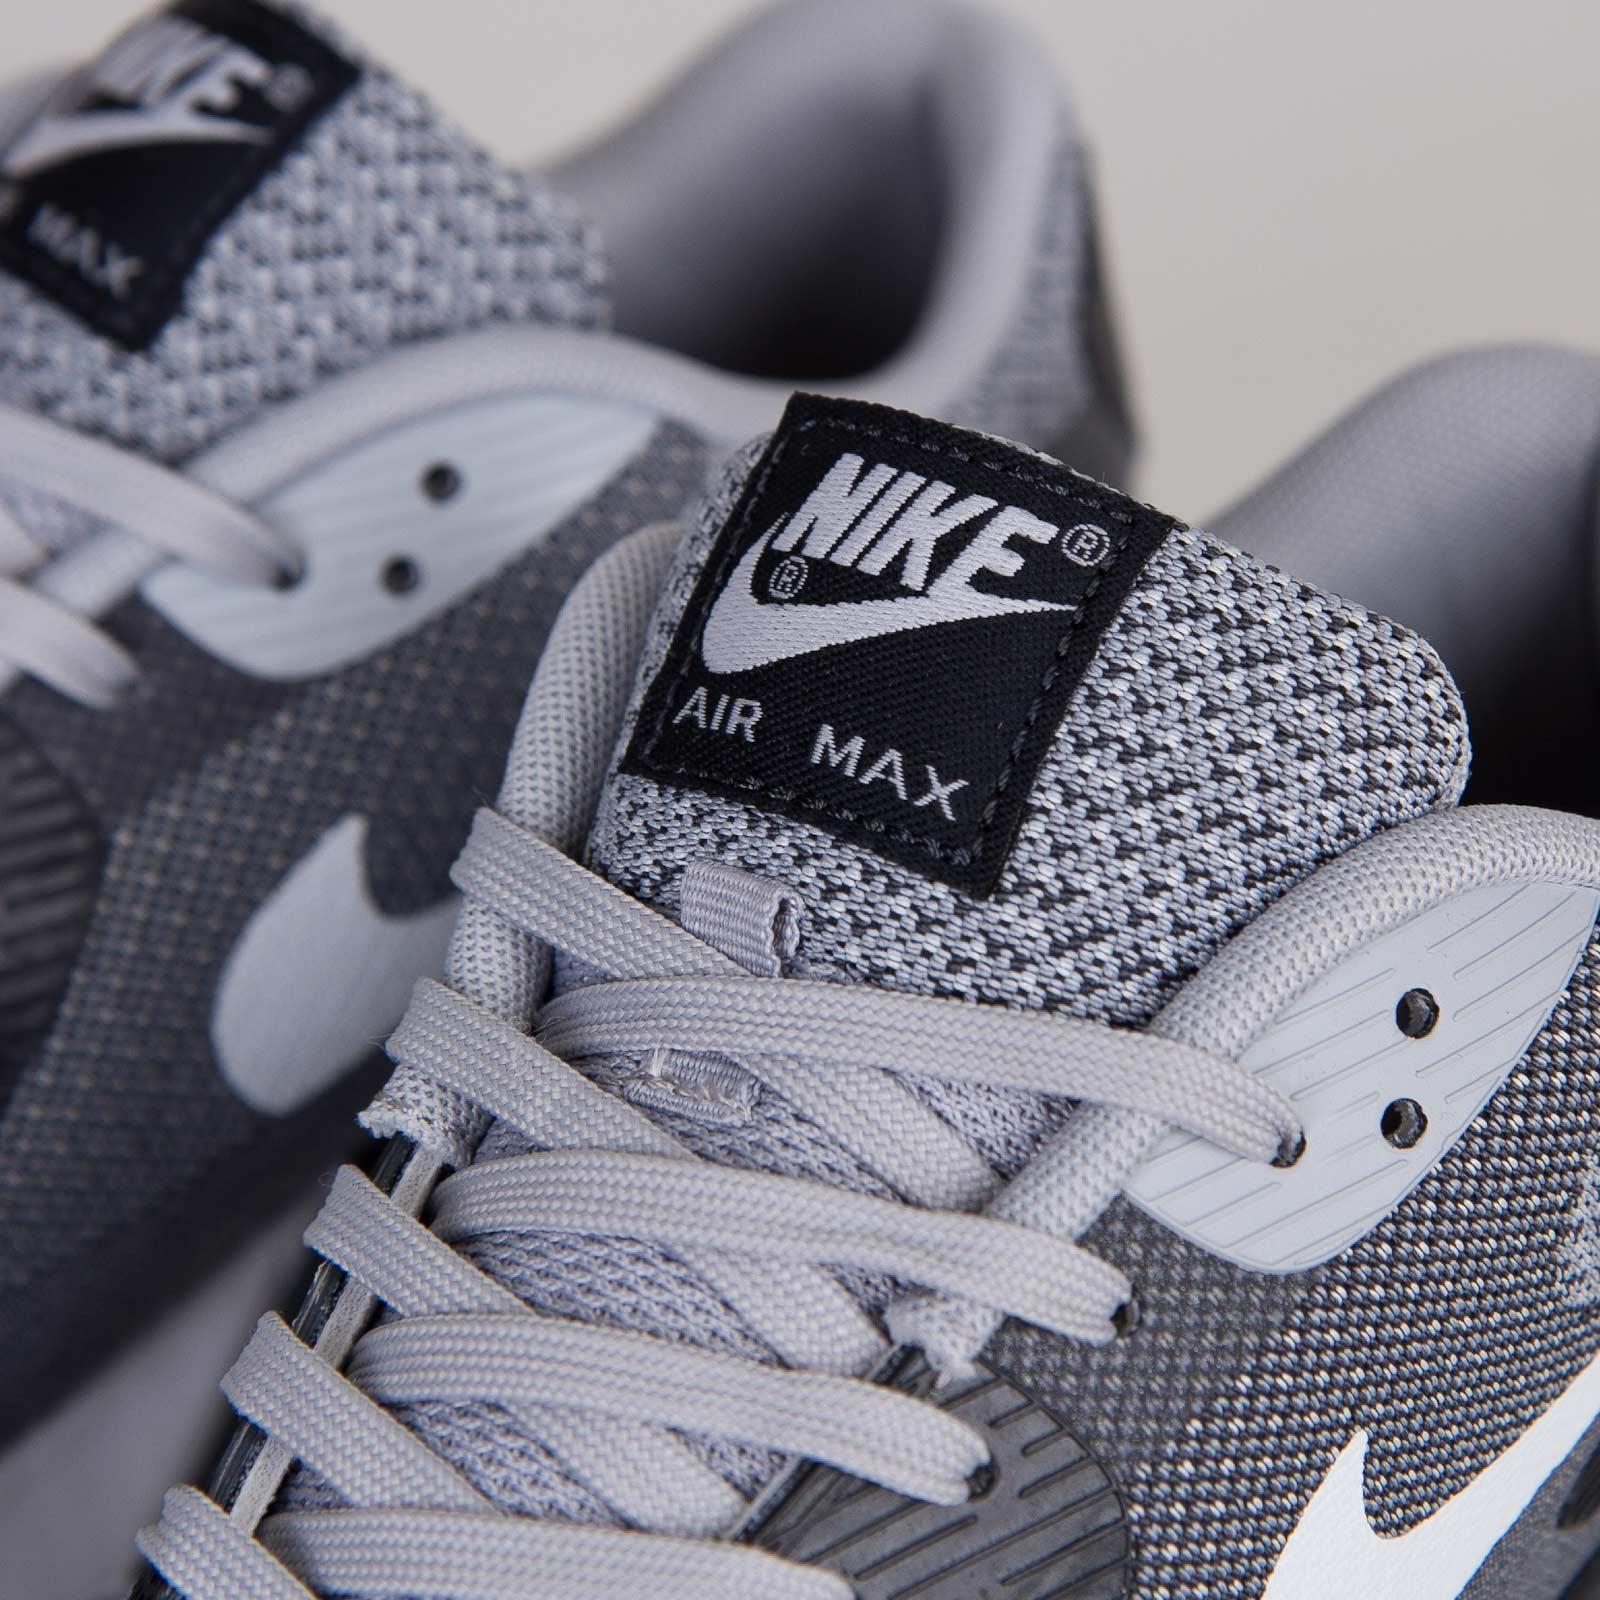 a2d634c925 Nike Air Max 90 JCRD - 631750-003 - Sneakersnstuff   sneakers & streetwear  online since 1999